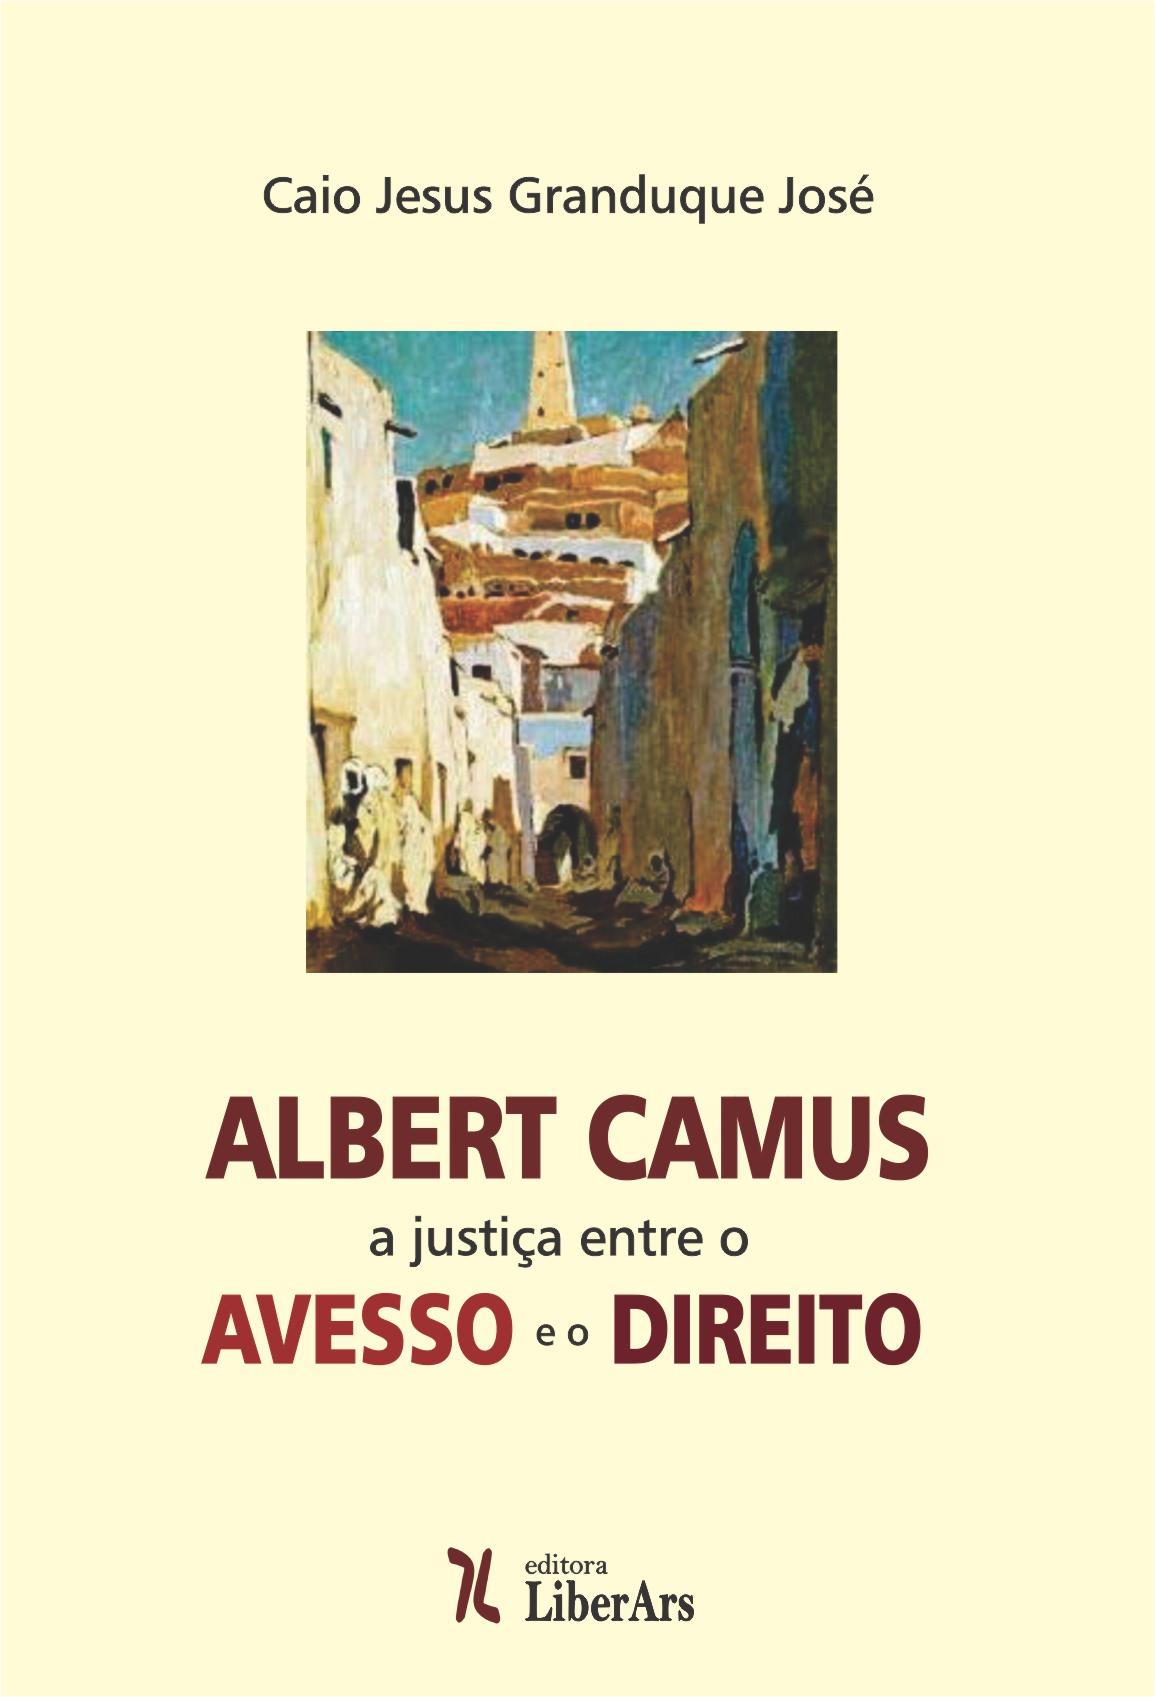 Albert Camus: a justiça entre o avesso e o direito, livro de Caio Jesus Granduque José